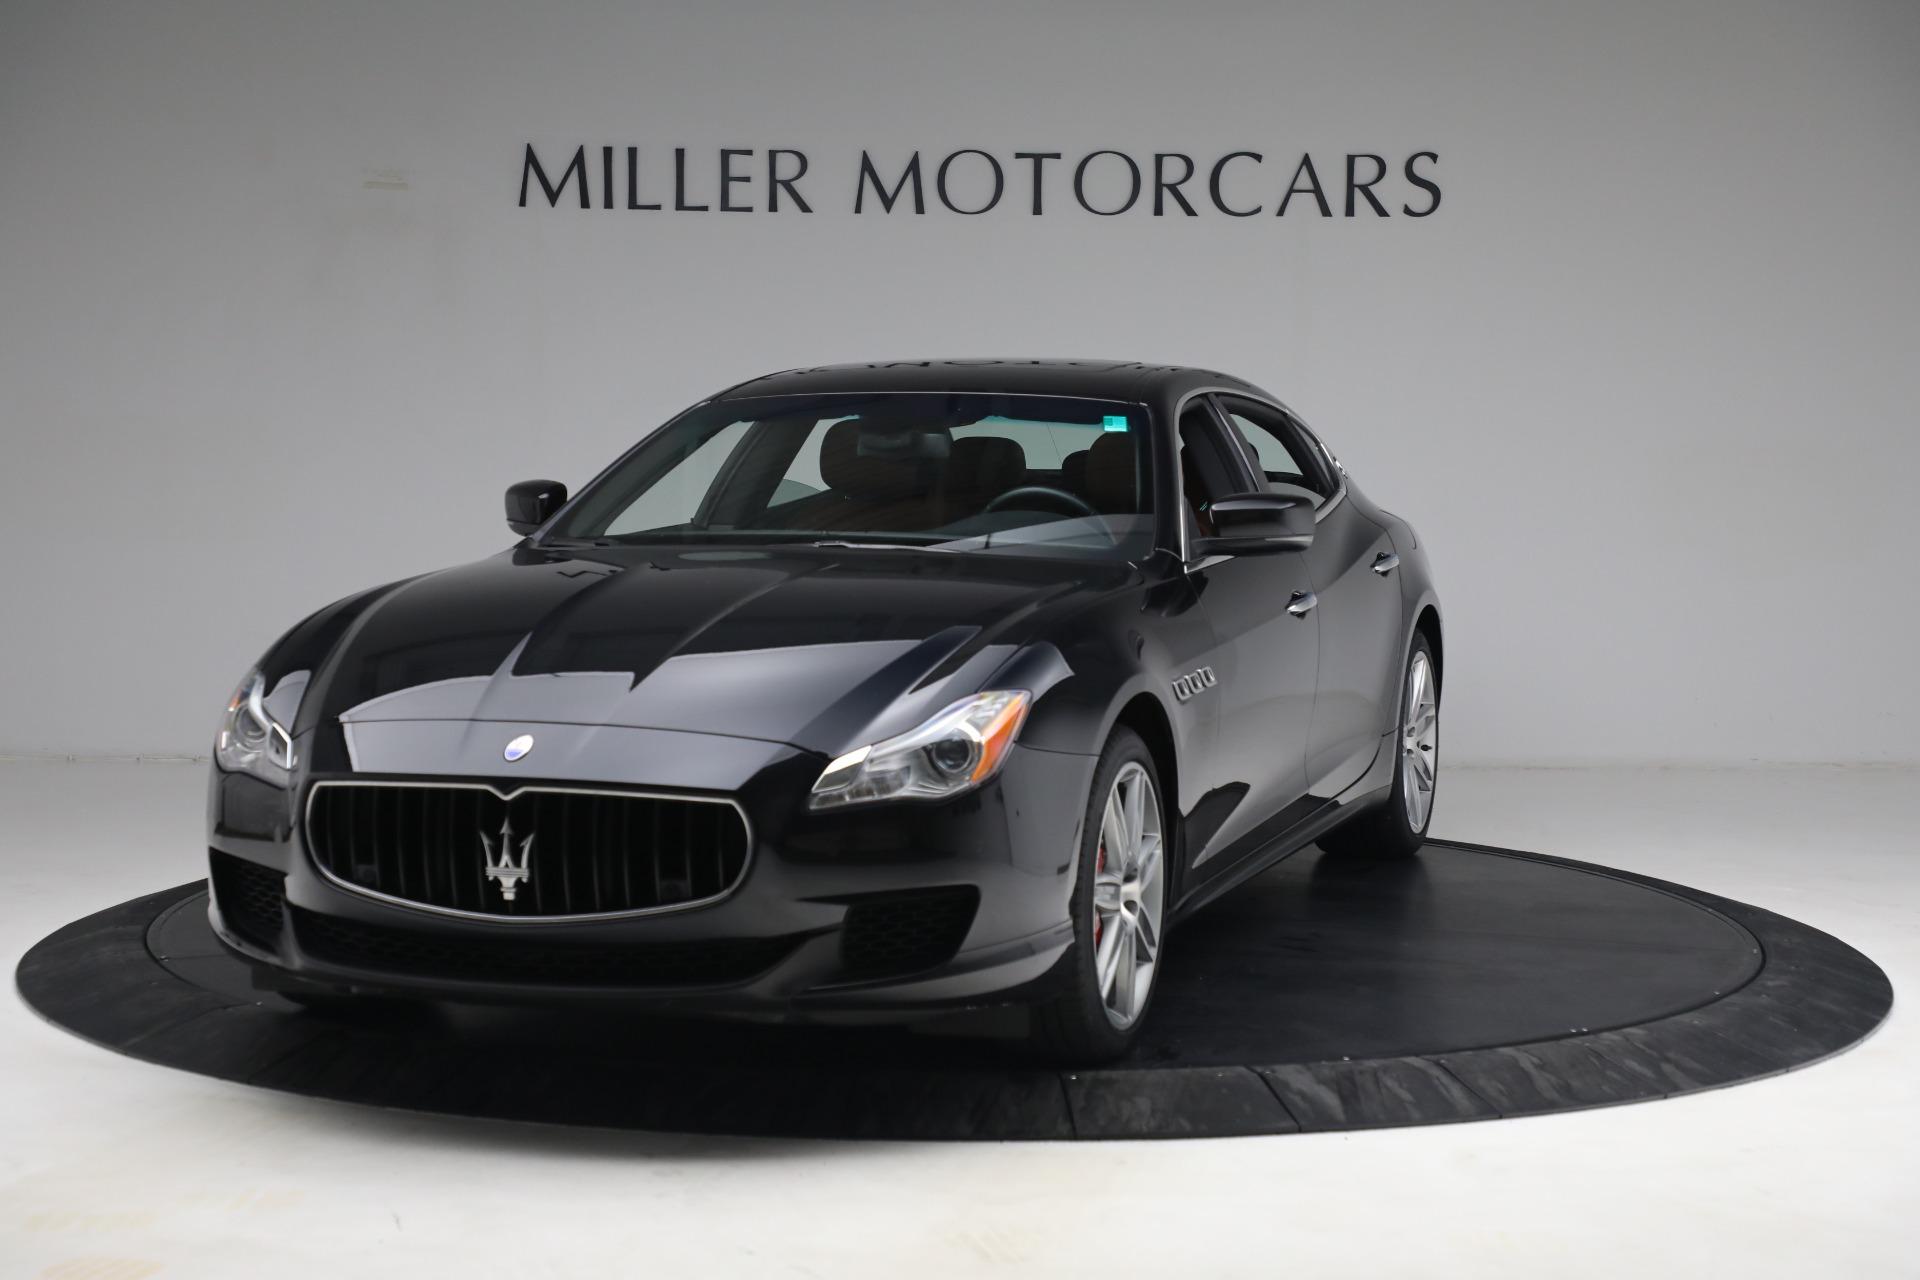 Used 2016 Maserati Quattroporte S Q4 for sale $46,900 at Aston Martin of Greenwich in Greenwich CT 06830 1